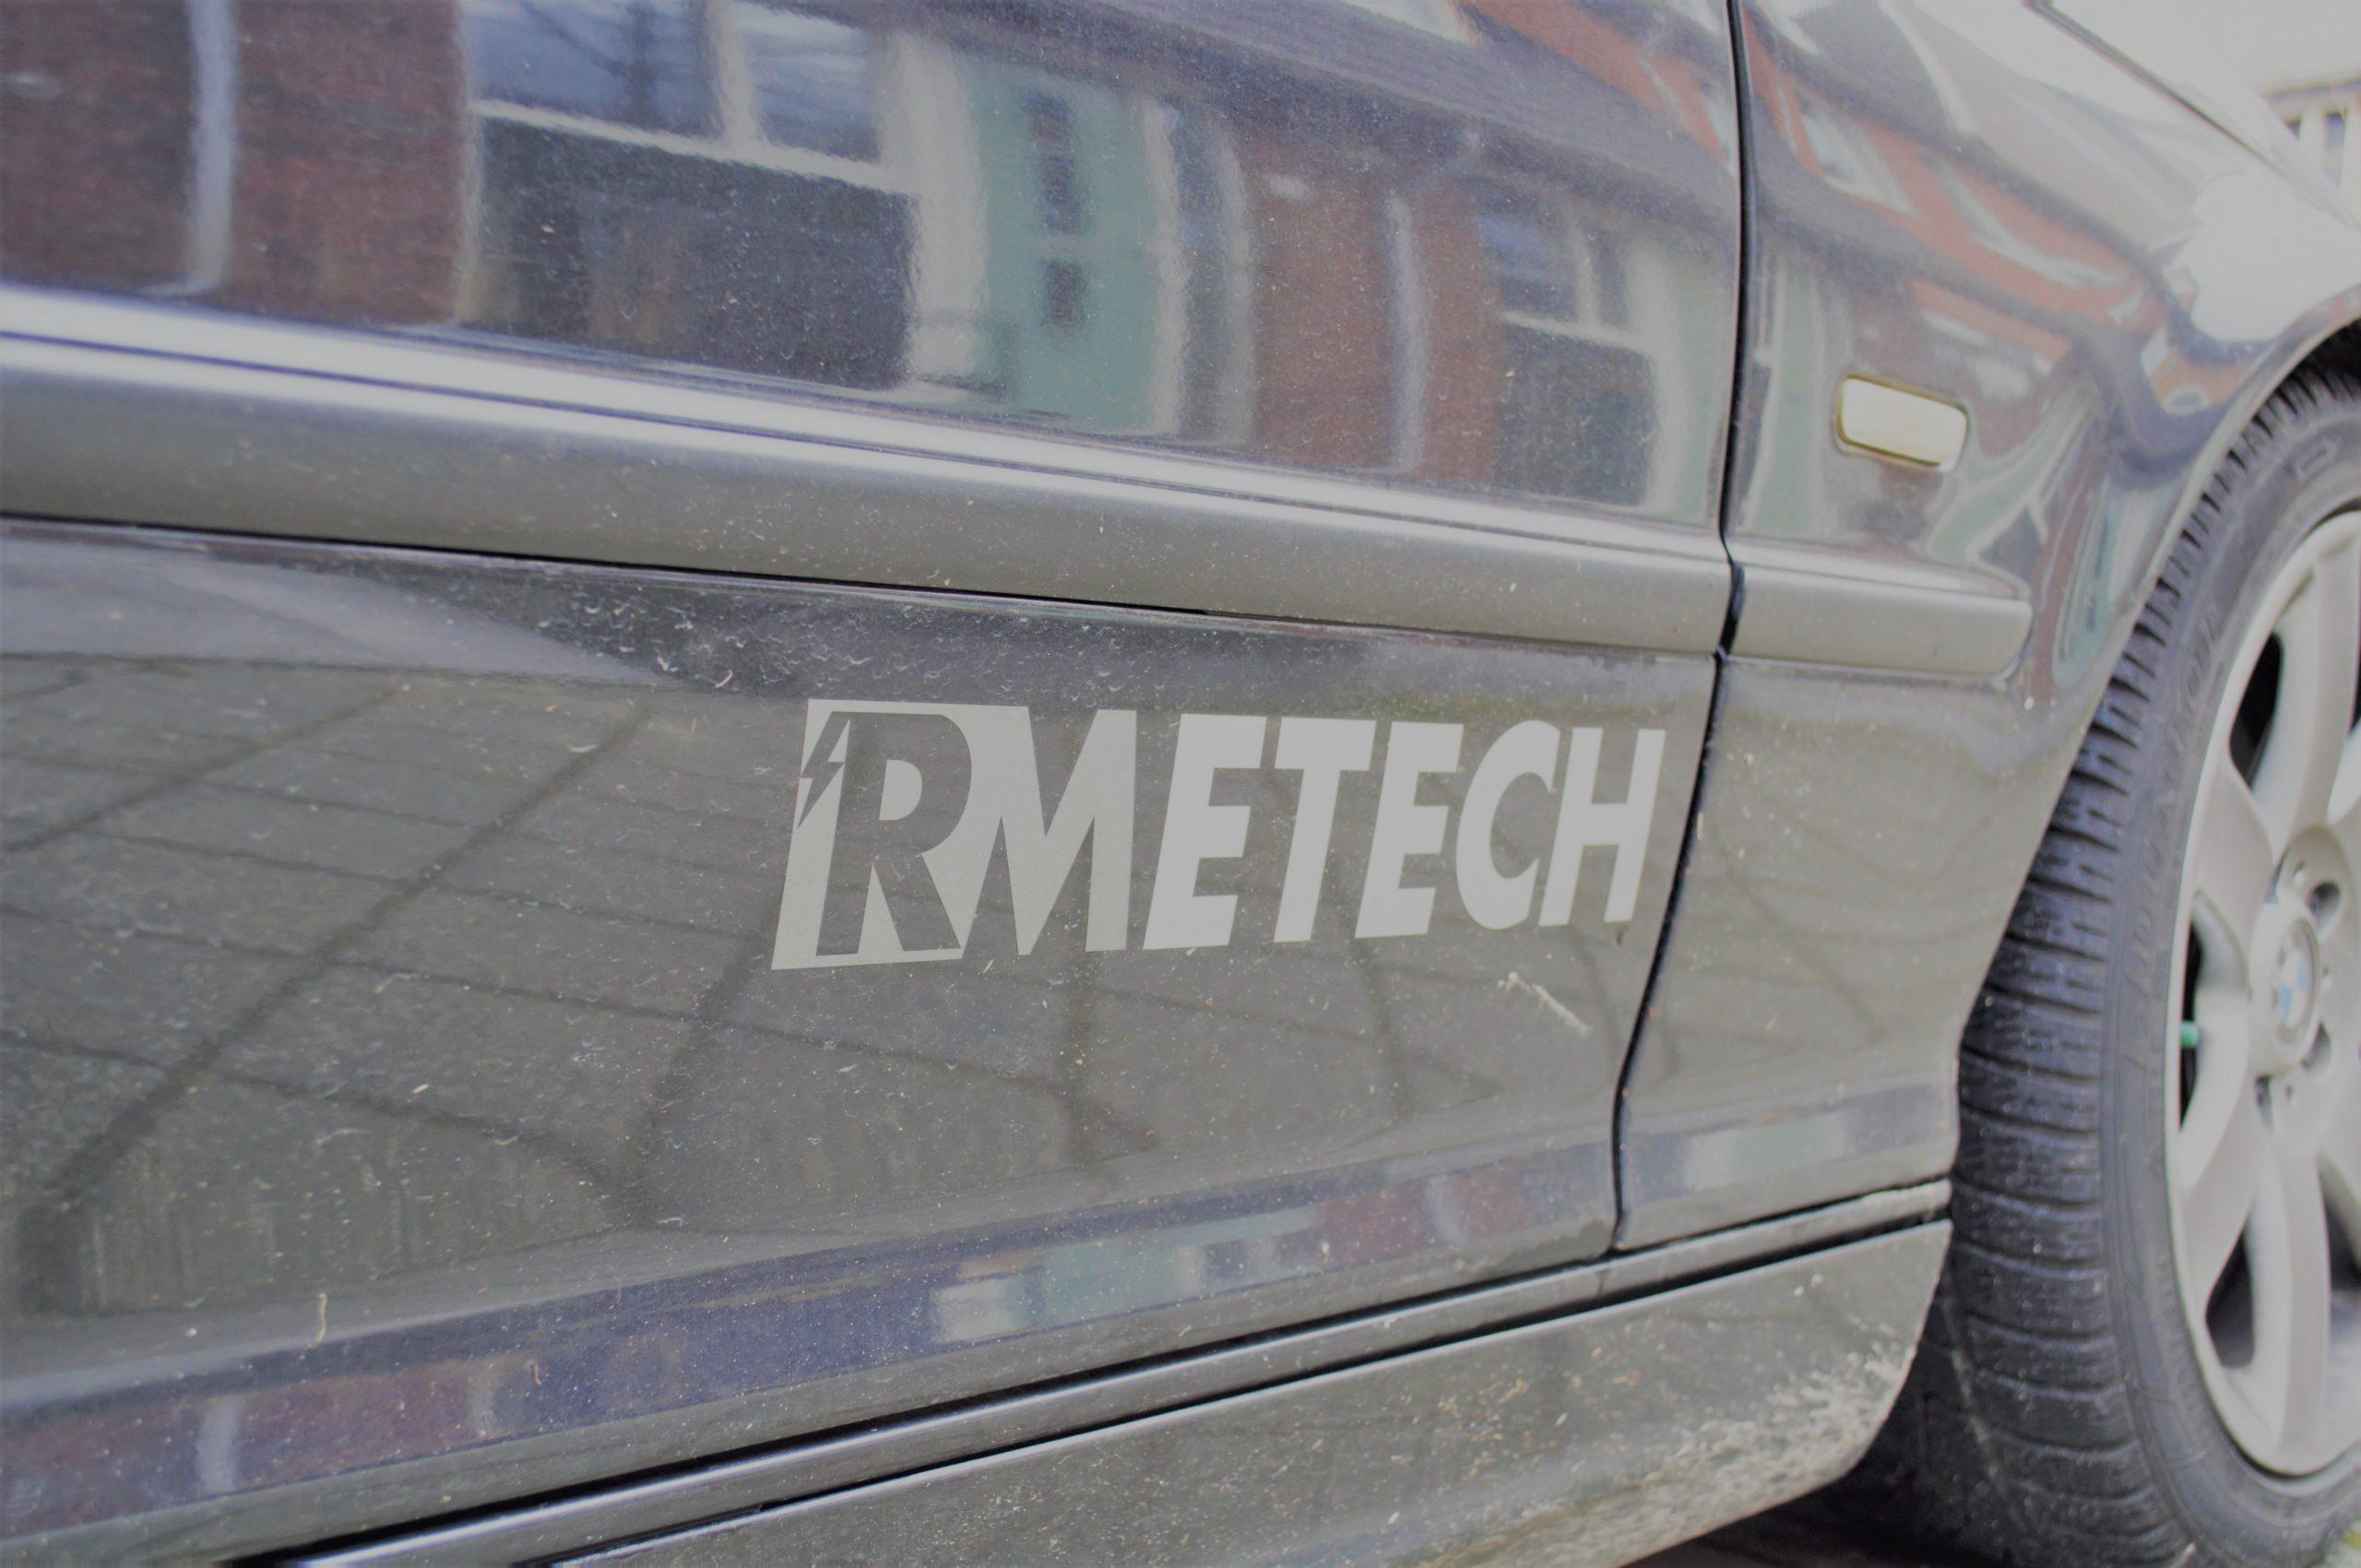 BMW RMEtech